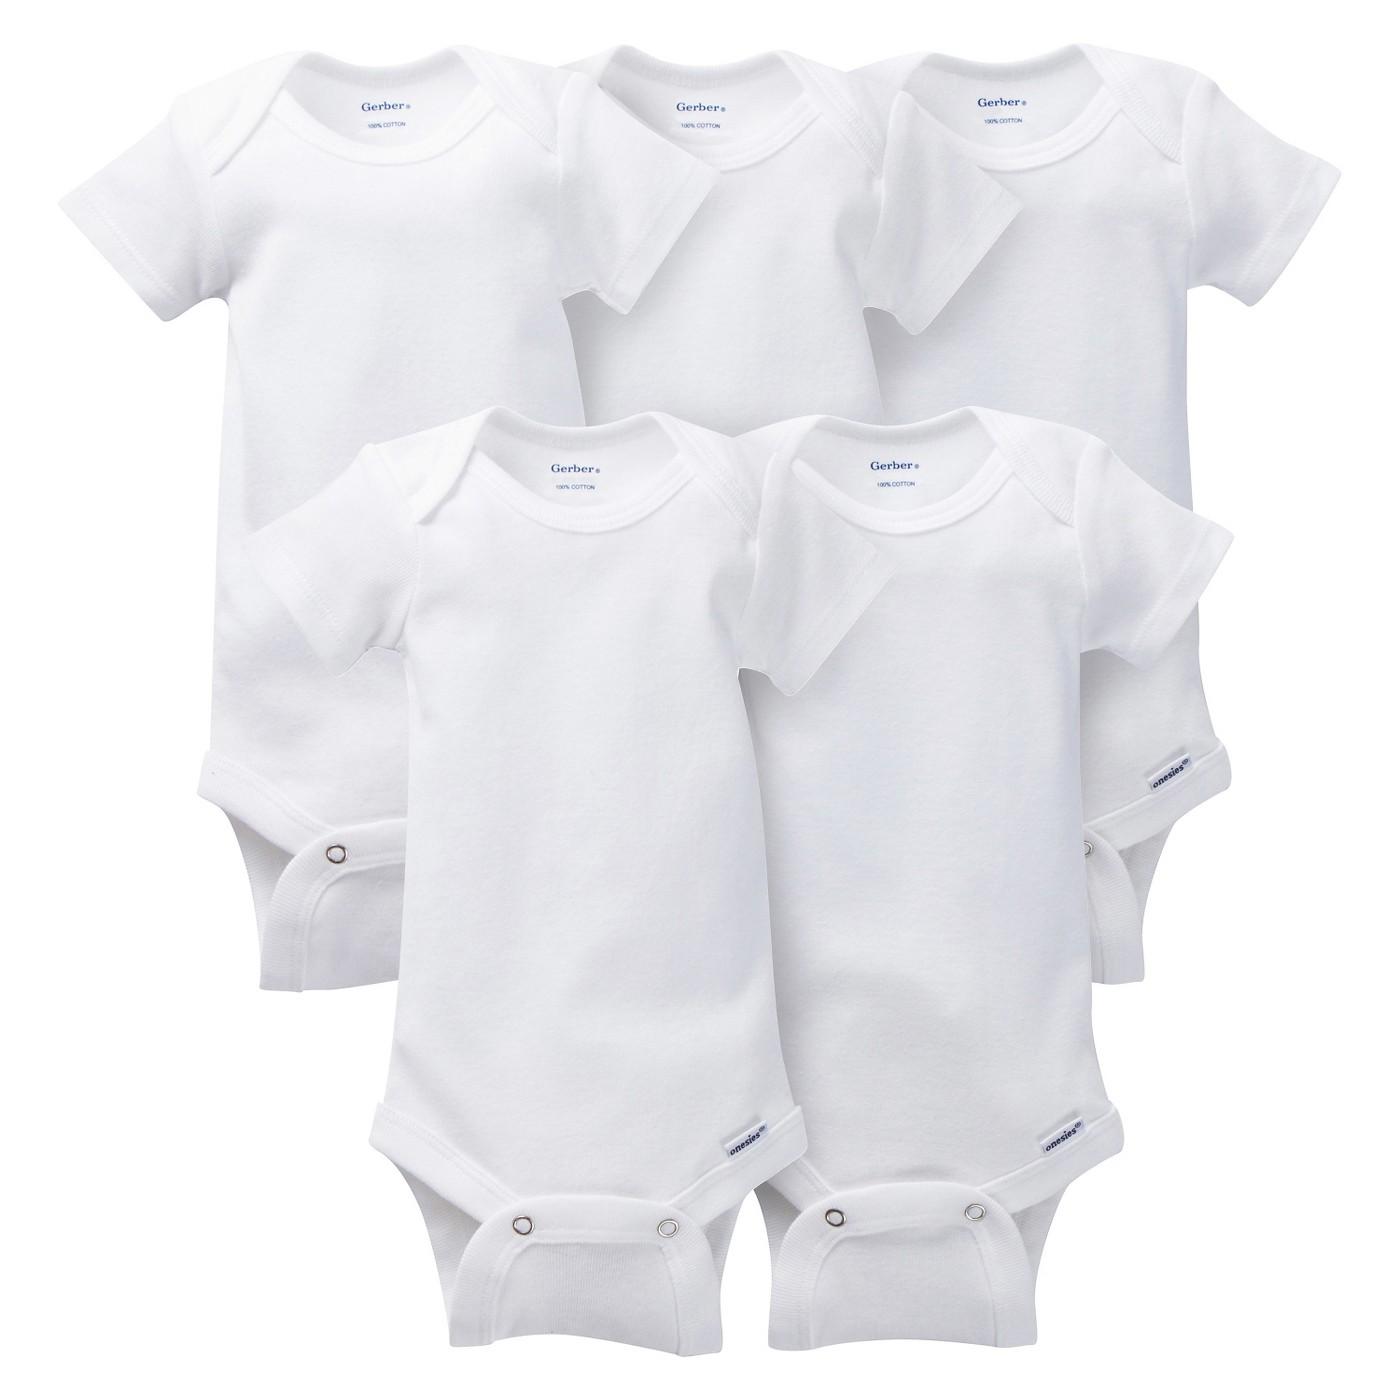 Gerber® Onesies® 5pk Short Sleeve Bodysuit - 0-3M - image 1 of 9